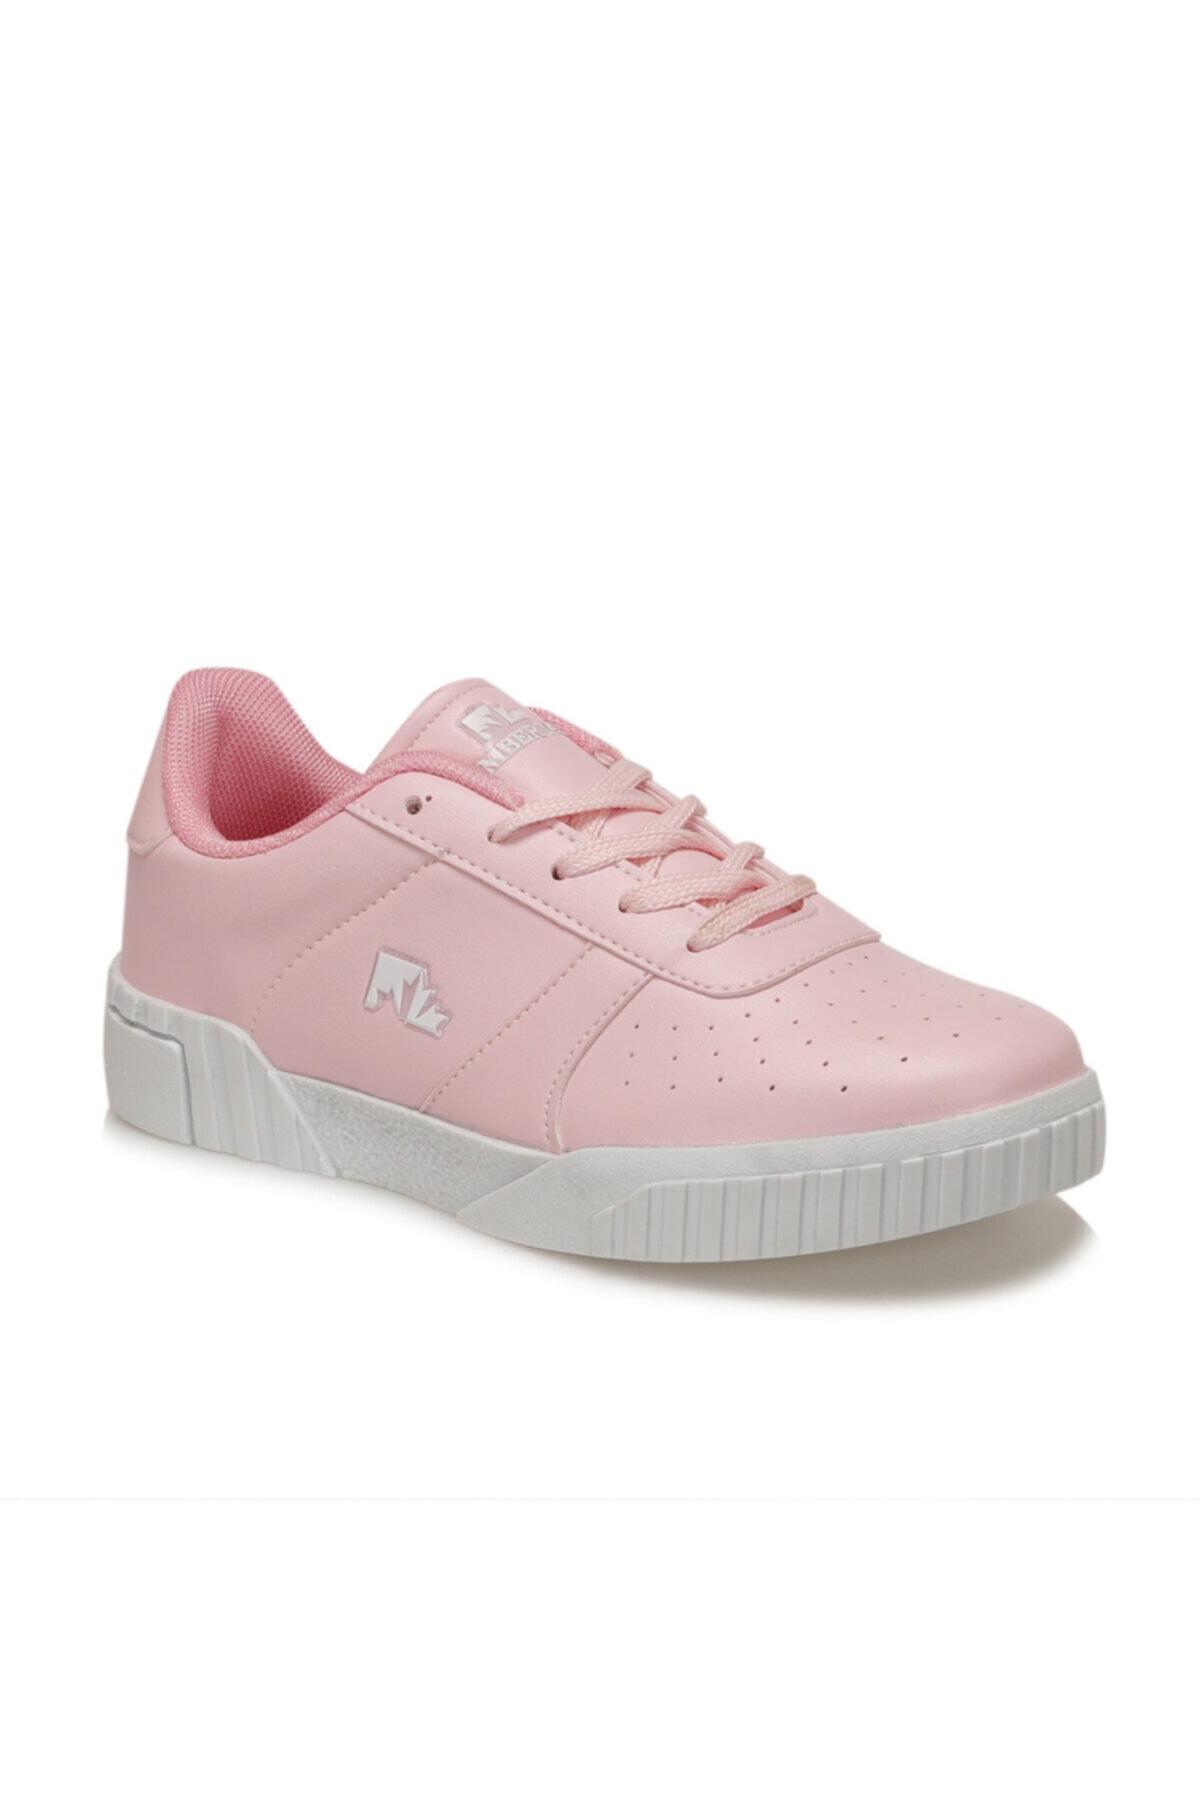 lumberjack Macaron Pembe Kız Çocuk Sneaker Ayakkabı 1